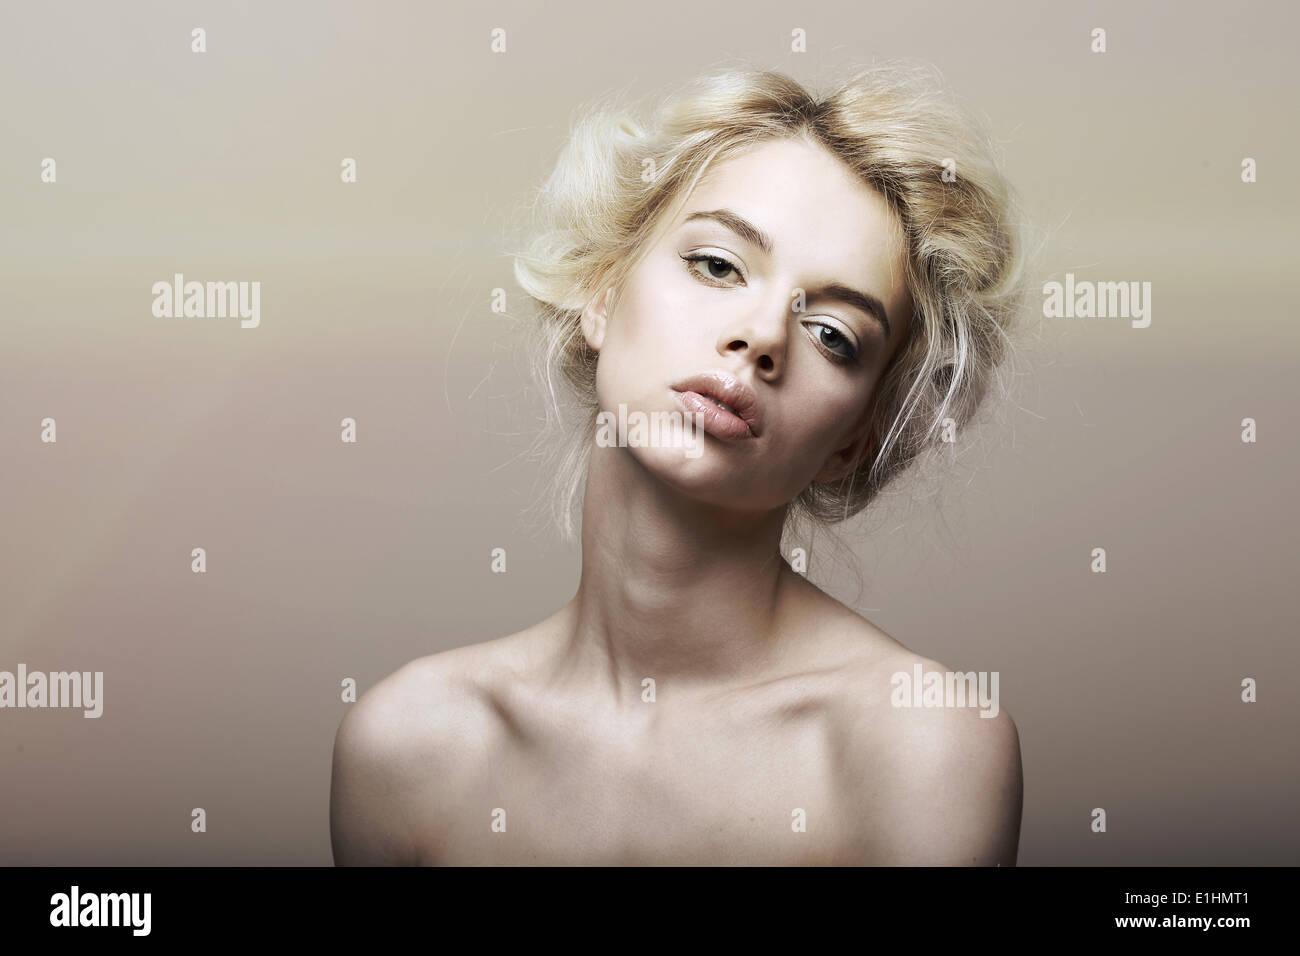 Caractère. De l'individualité. Véritable rêve Femme blonde Sentimentale Photo Stock